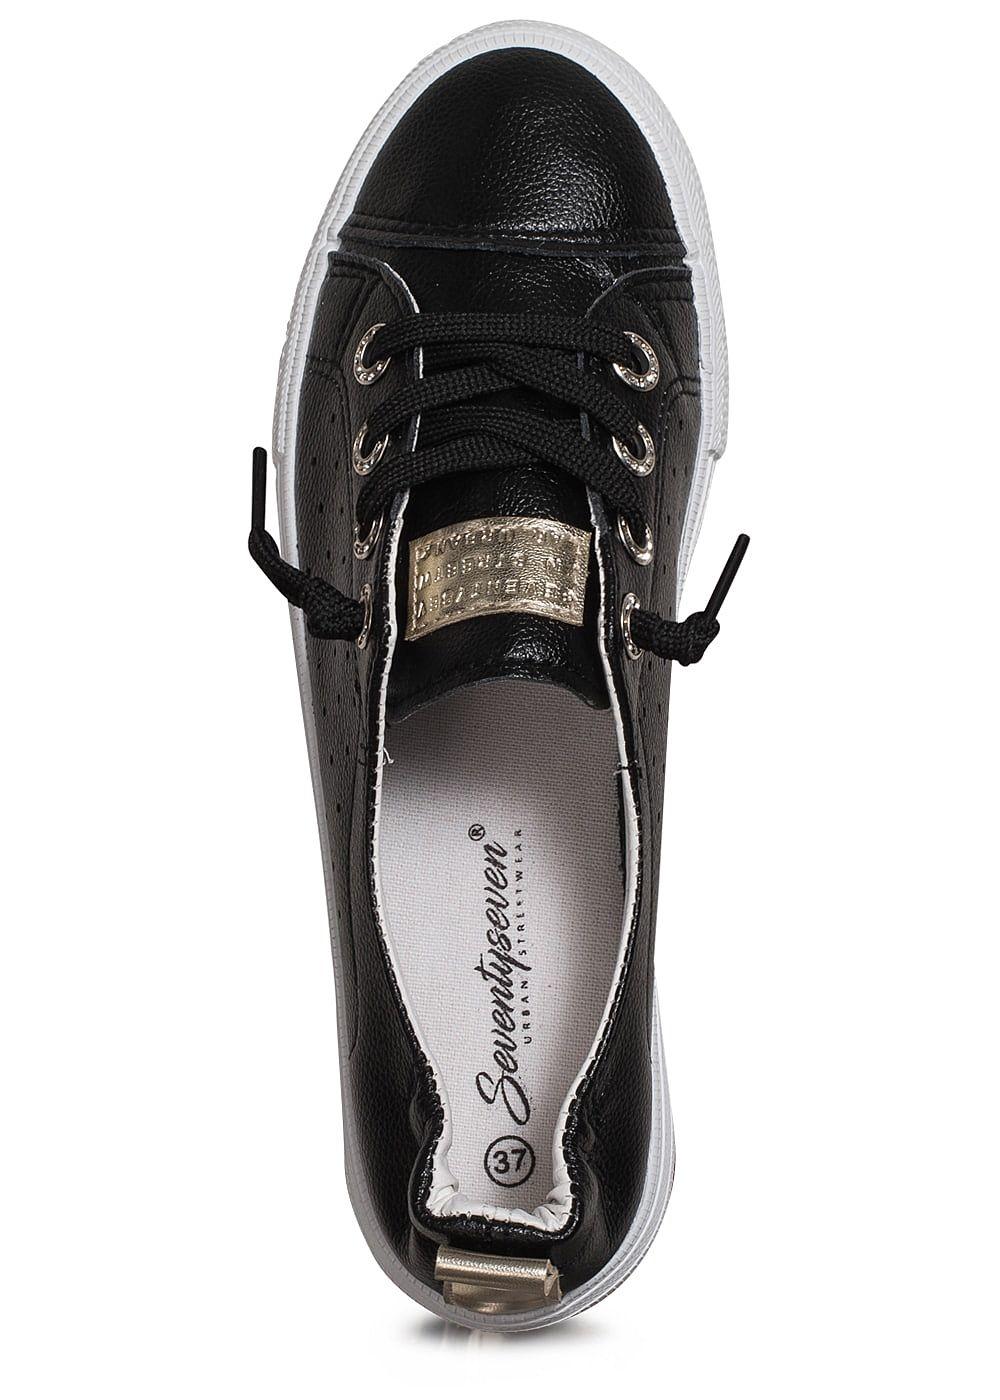 seventyseven lifestyle schuh damen sneaker zum schn ren lochmuster schwarz 77onlineshop. Black Bedroom Furniture Sets. Home Design Ideas